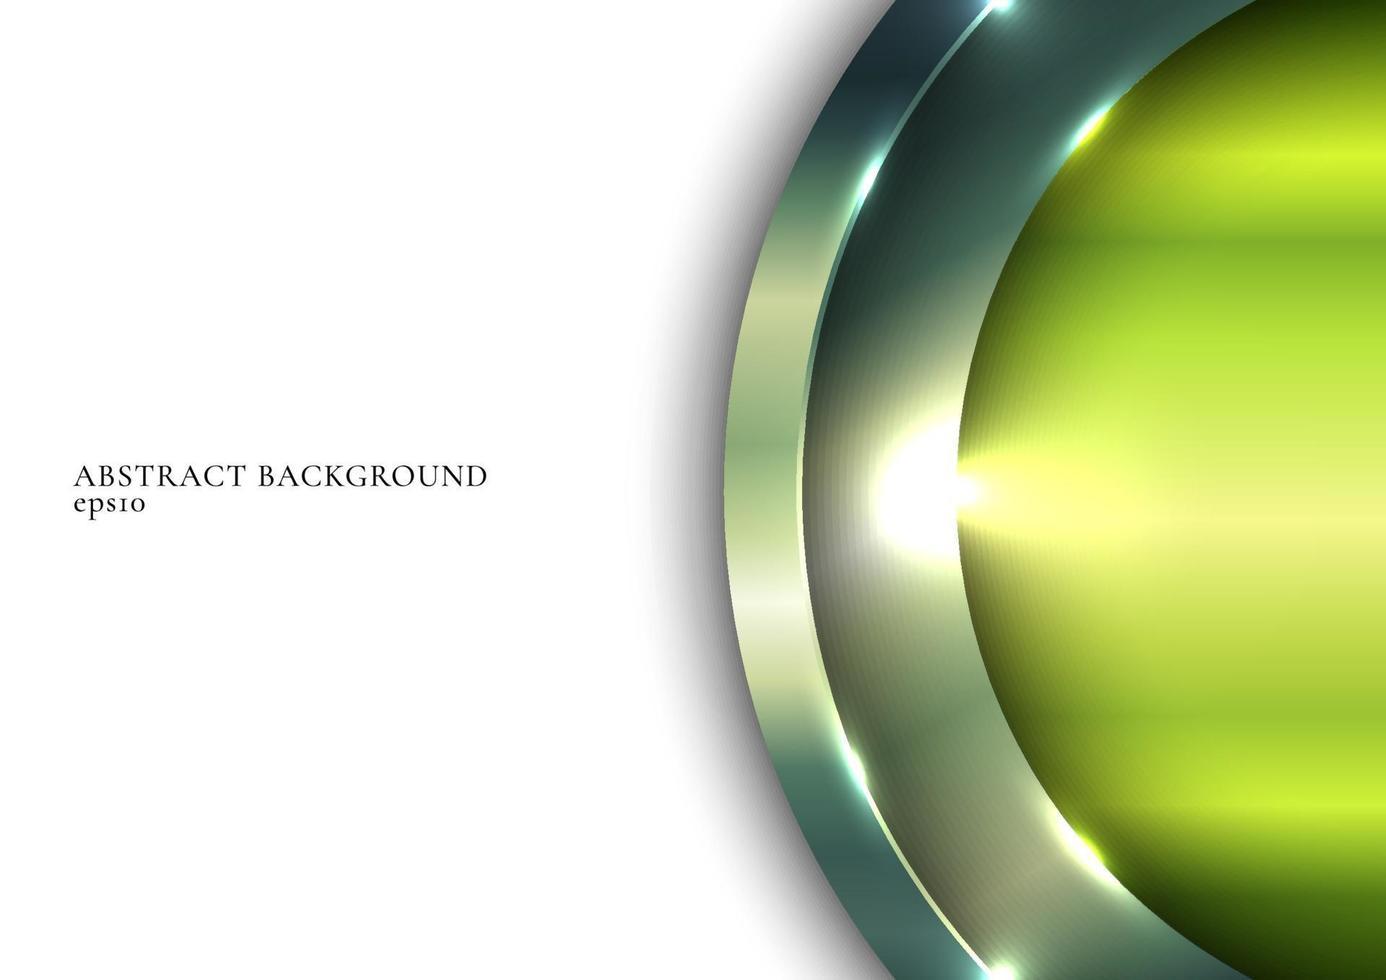 Grüner metallischer glänzender Kreis 3d, der mit Beleuchtung auf weißem Raumhintergrund überlappt vektor